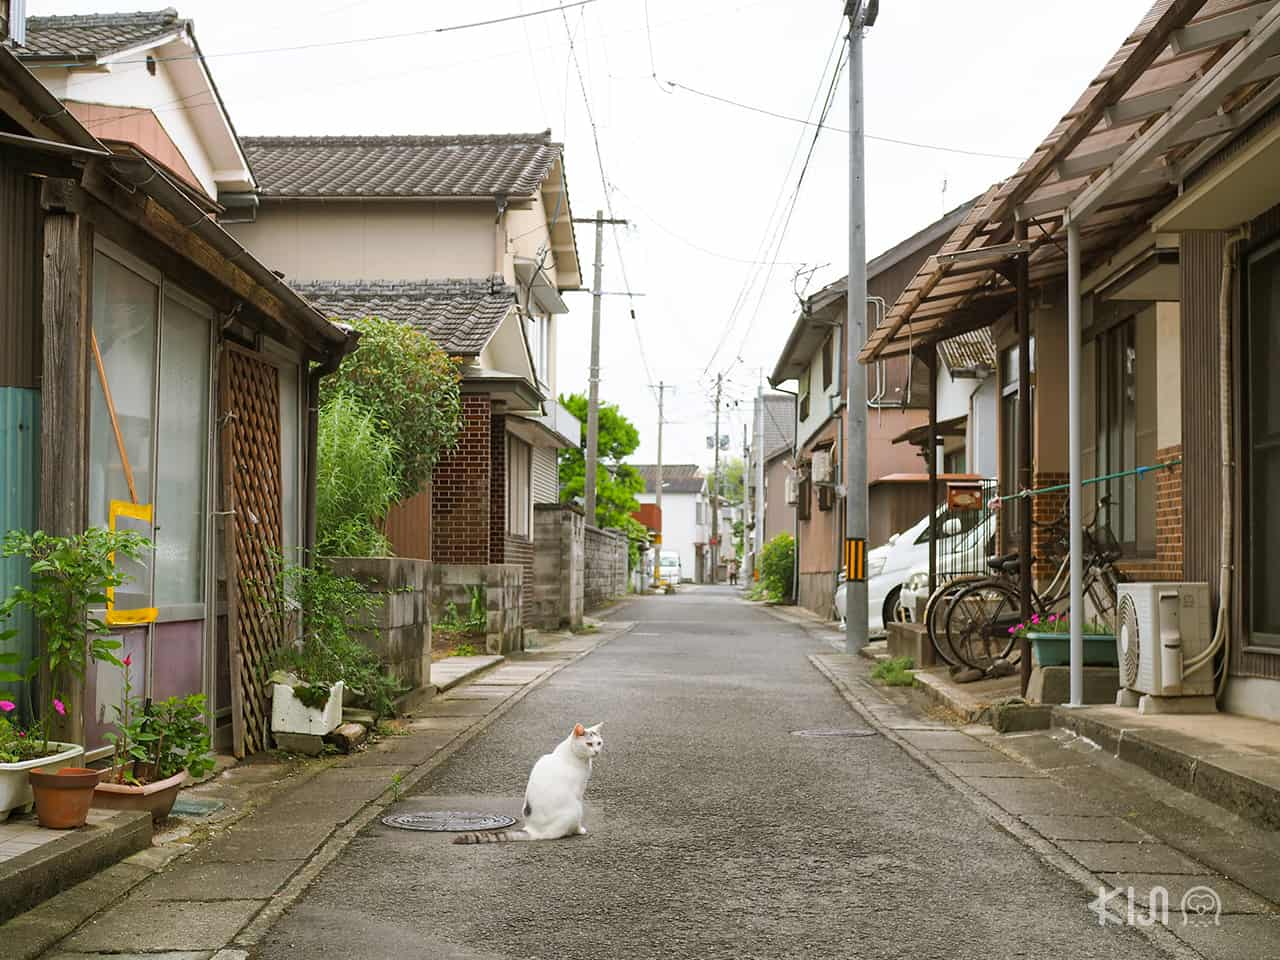 บ้านเรือนที่ บุงโกะทาคาดะ (Bungotakada) โออิตะ